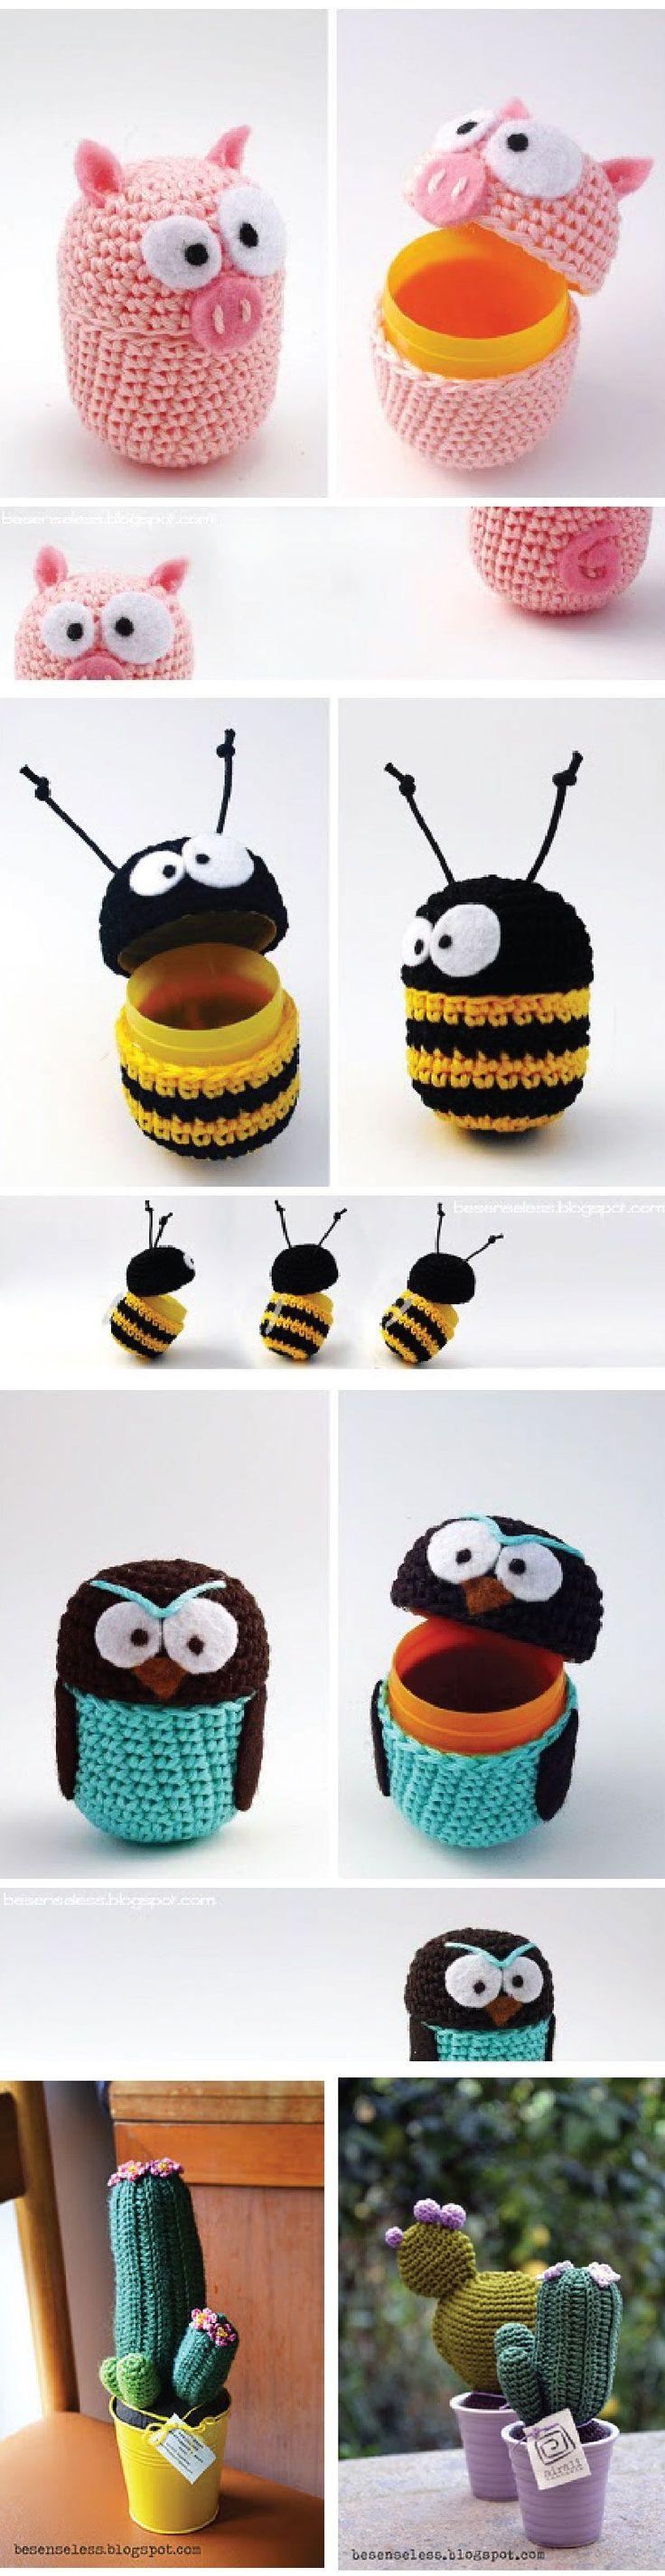 Crocheted Capsule Creatures